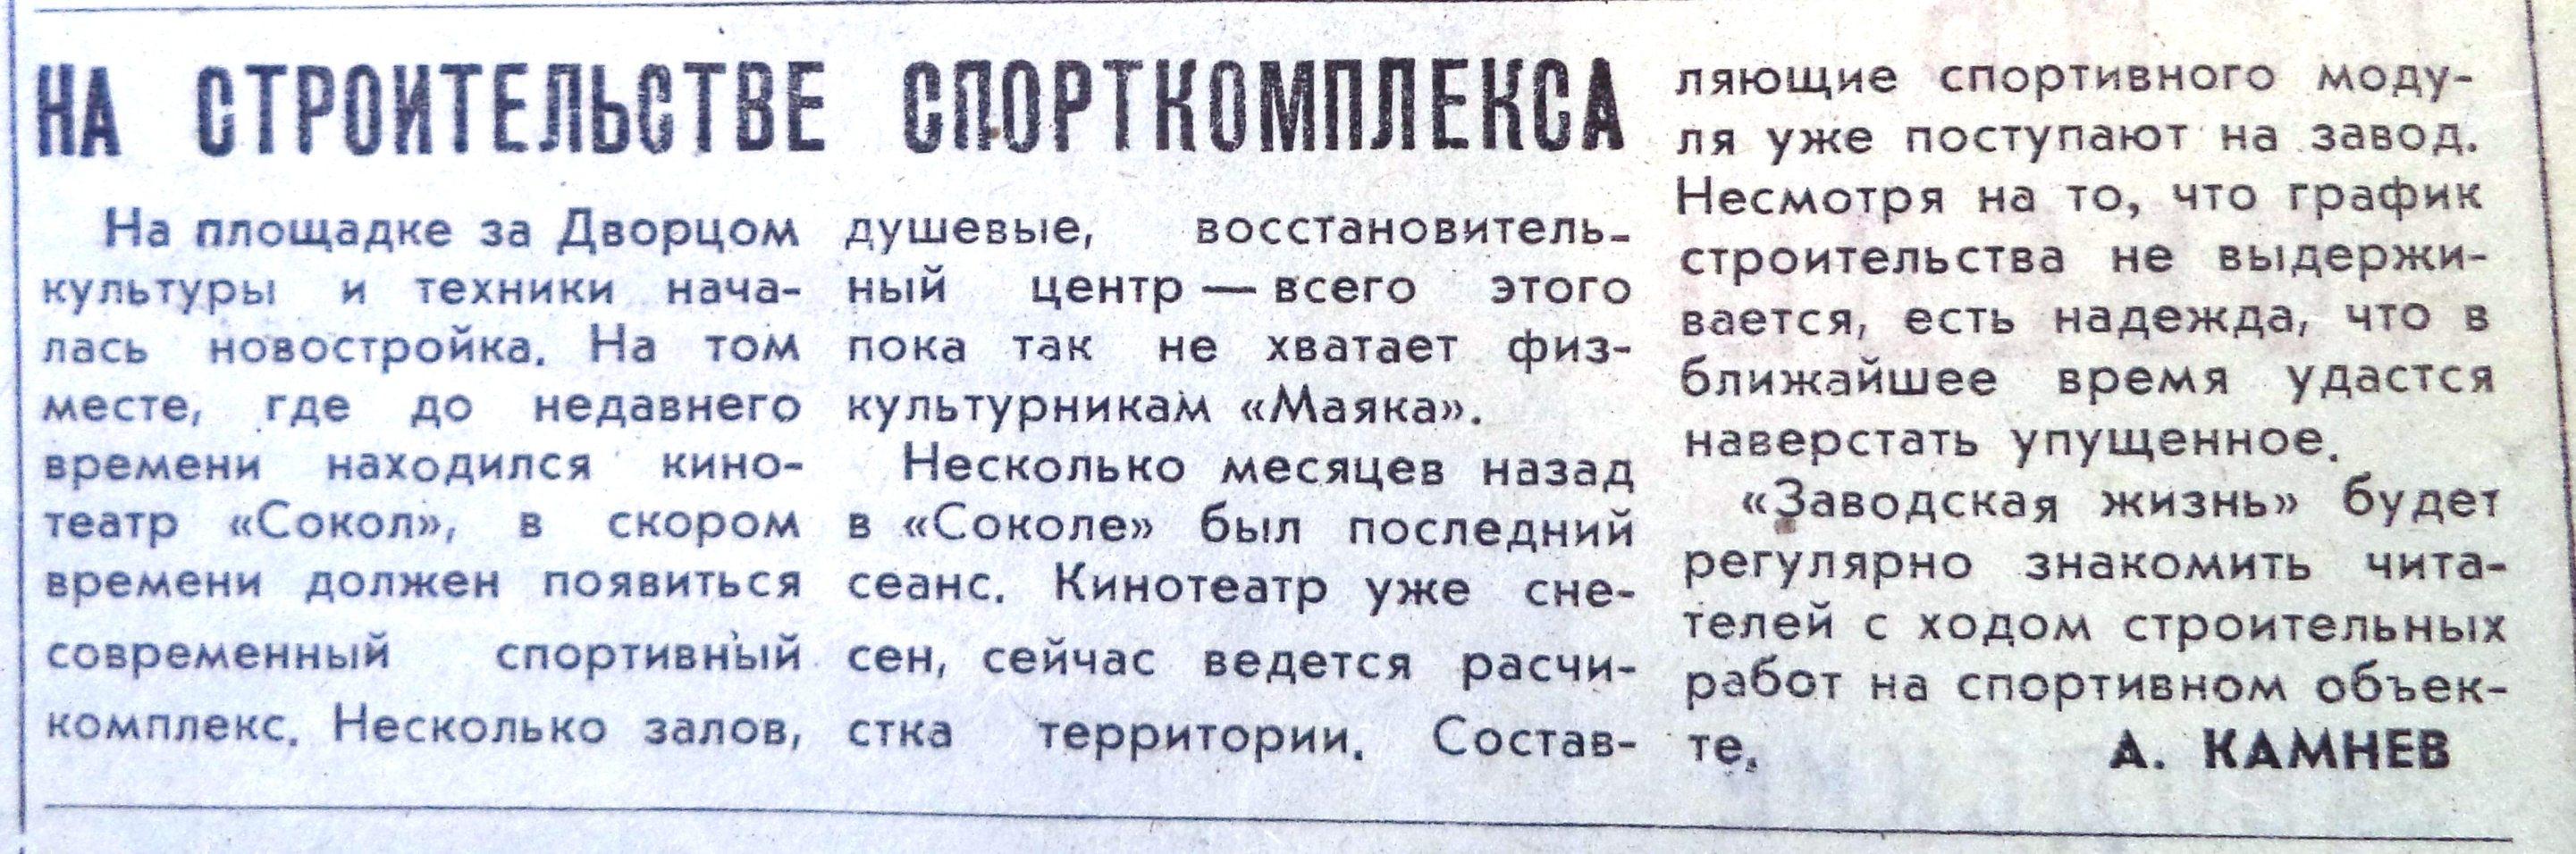 Zavodskaya_zhizn-1990-8_maya-min